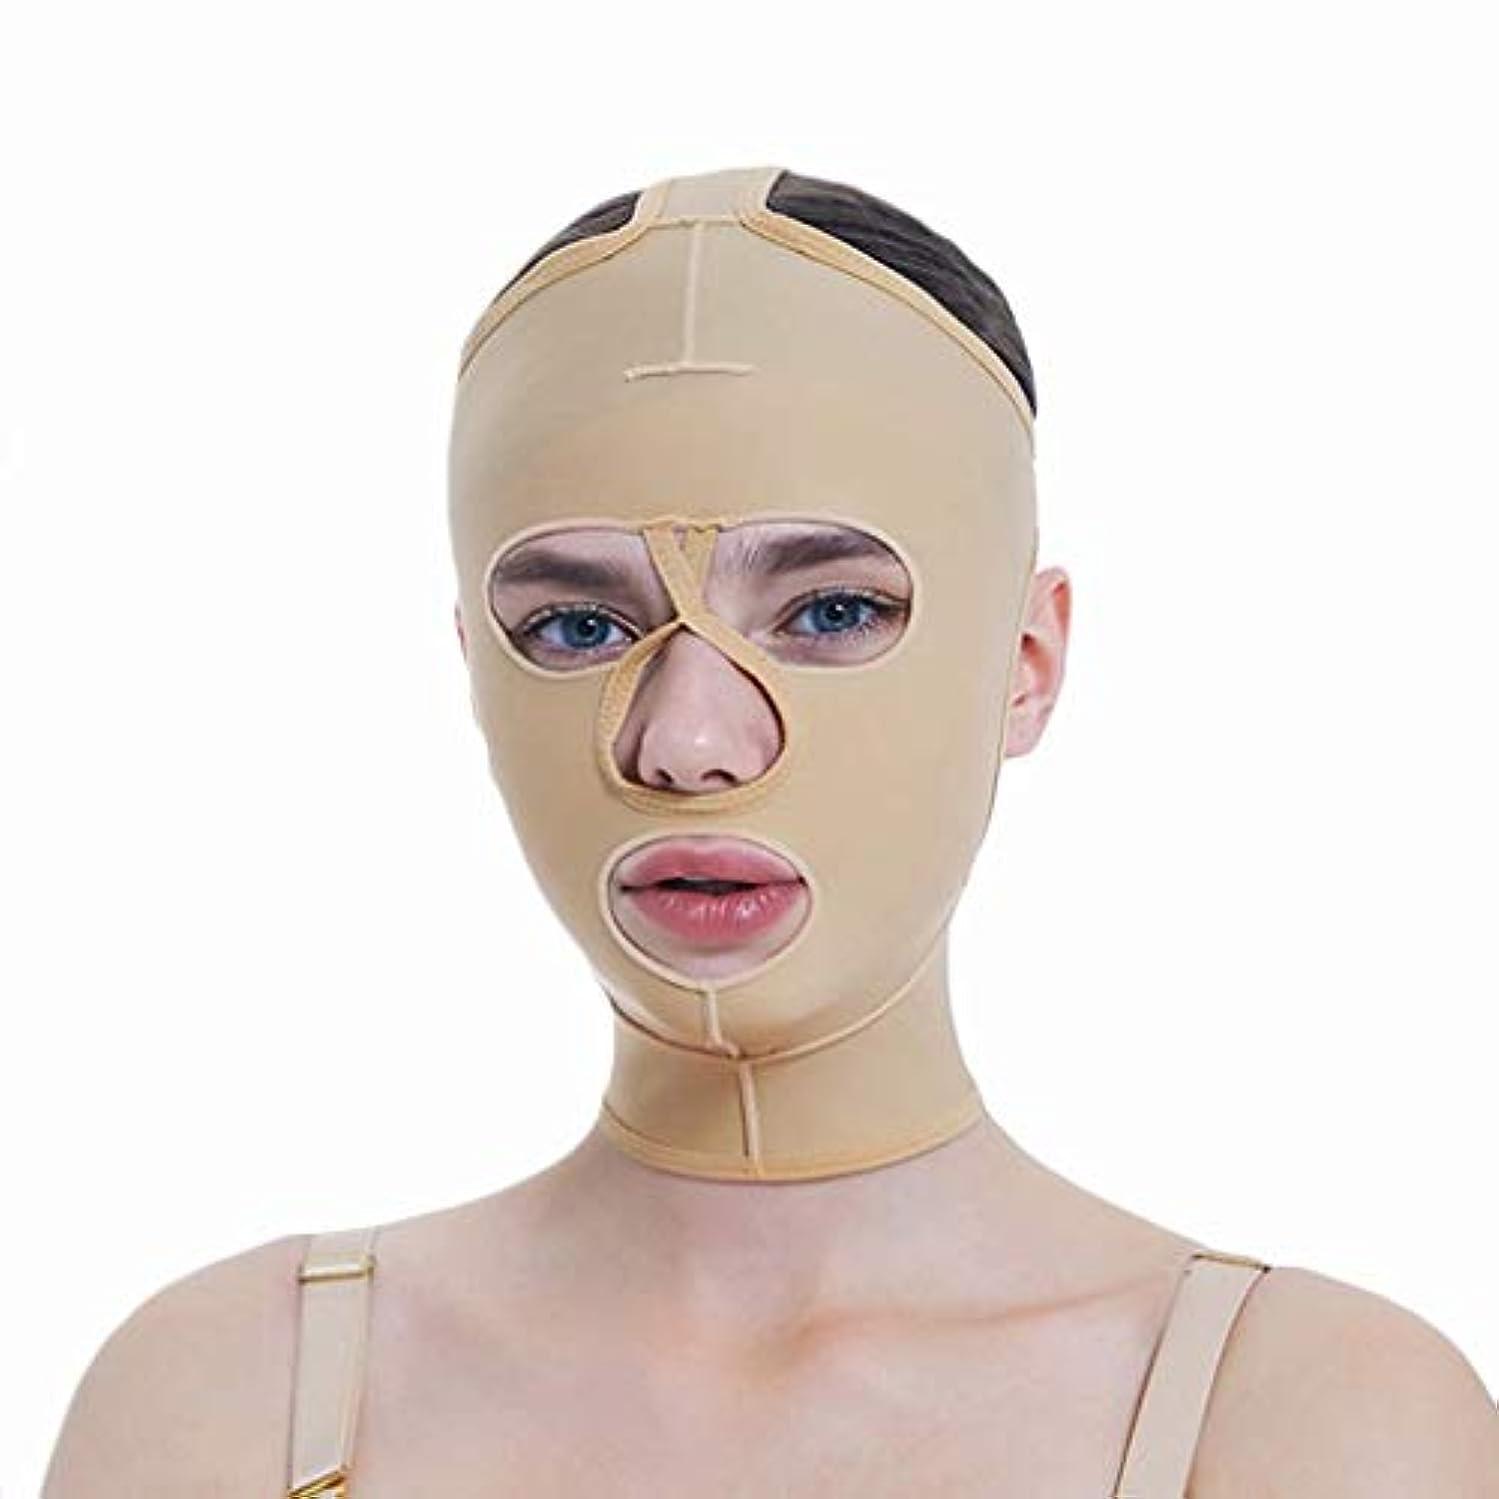 債務記者チョークフェイシャル減量マスク、フルカバレッジ包帯、フルフェイスリフティングマスク、フェイスマスク、快適で リフティングシェーピング(サイズ:S),S